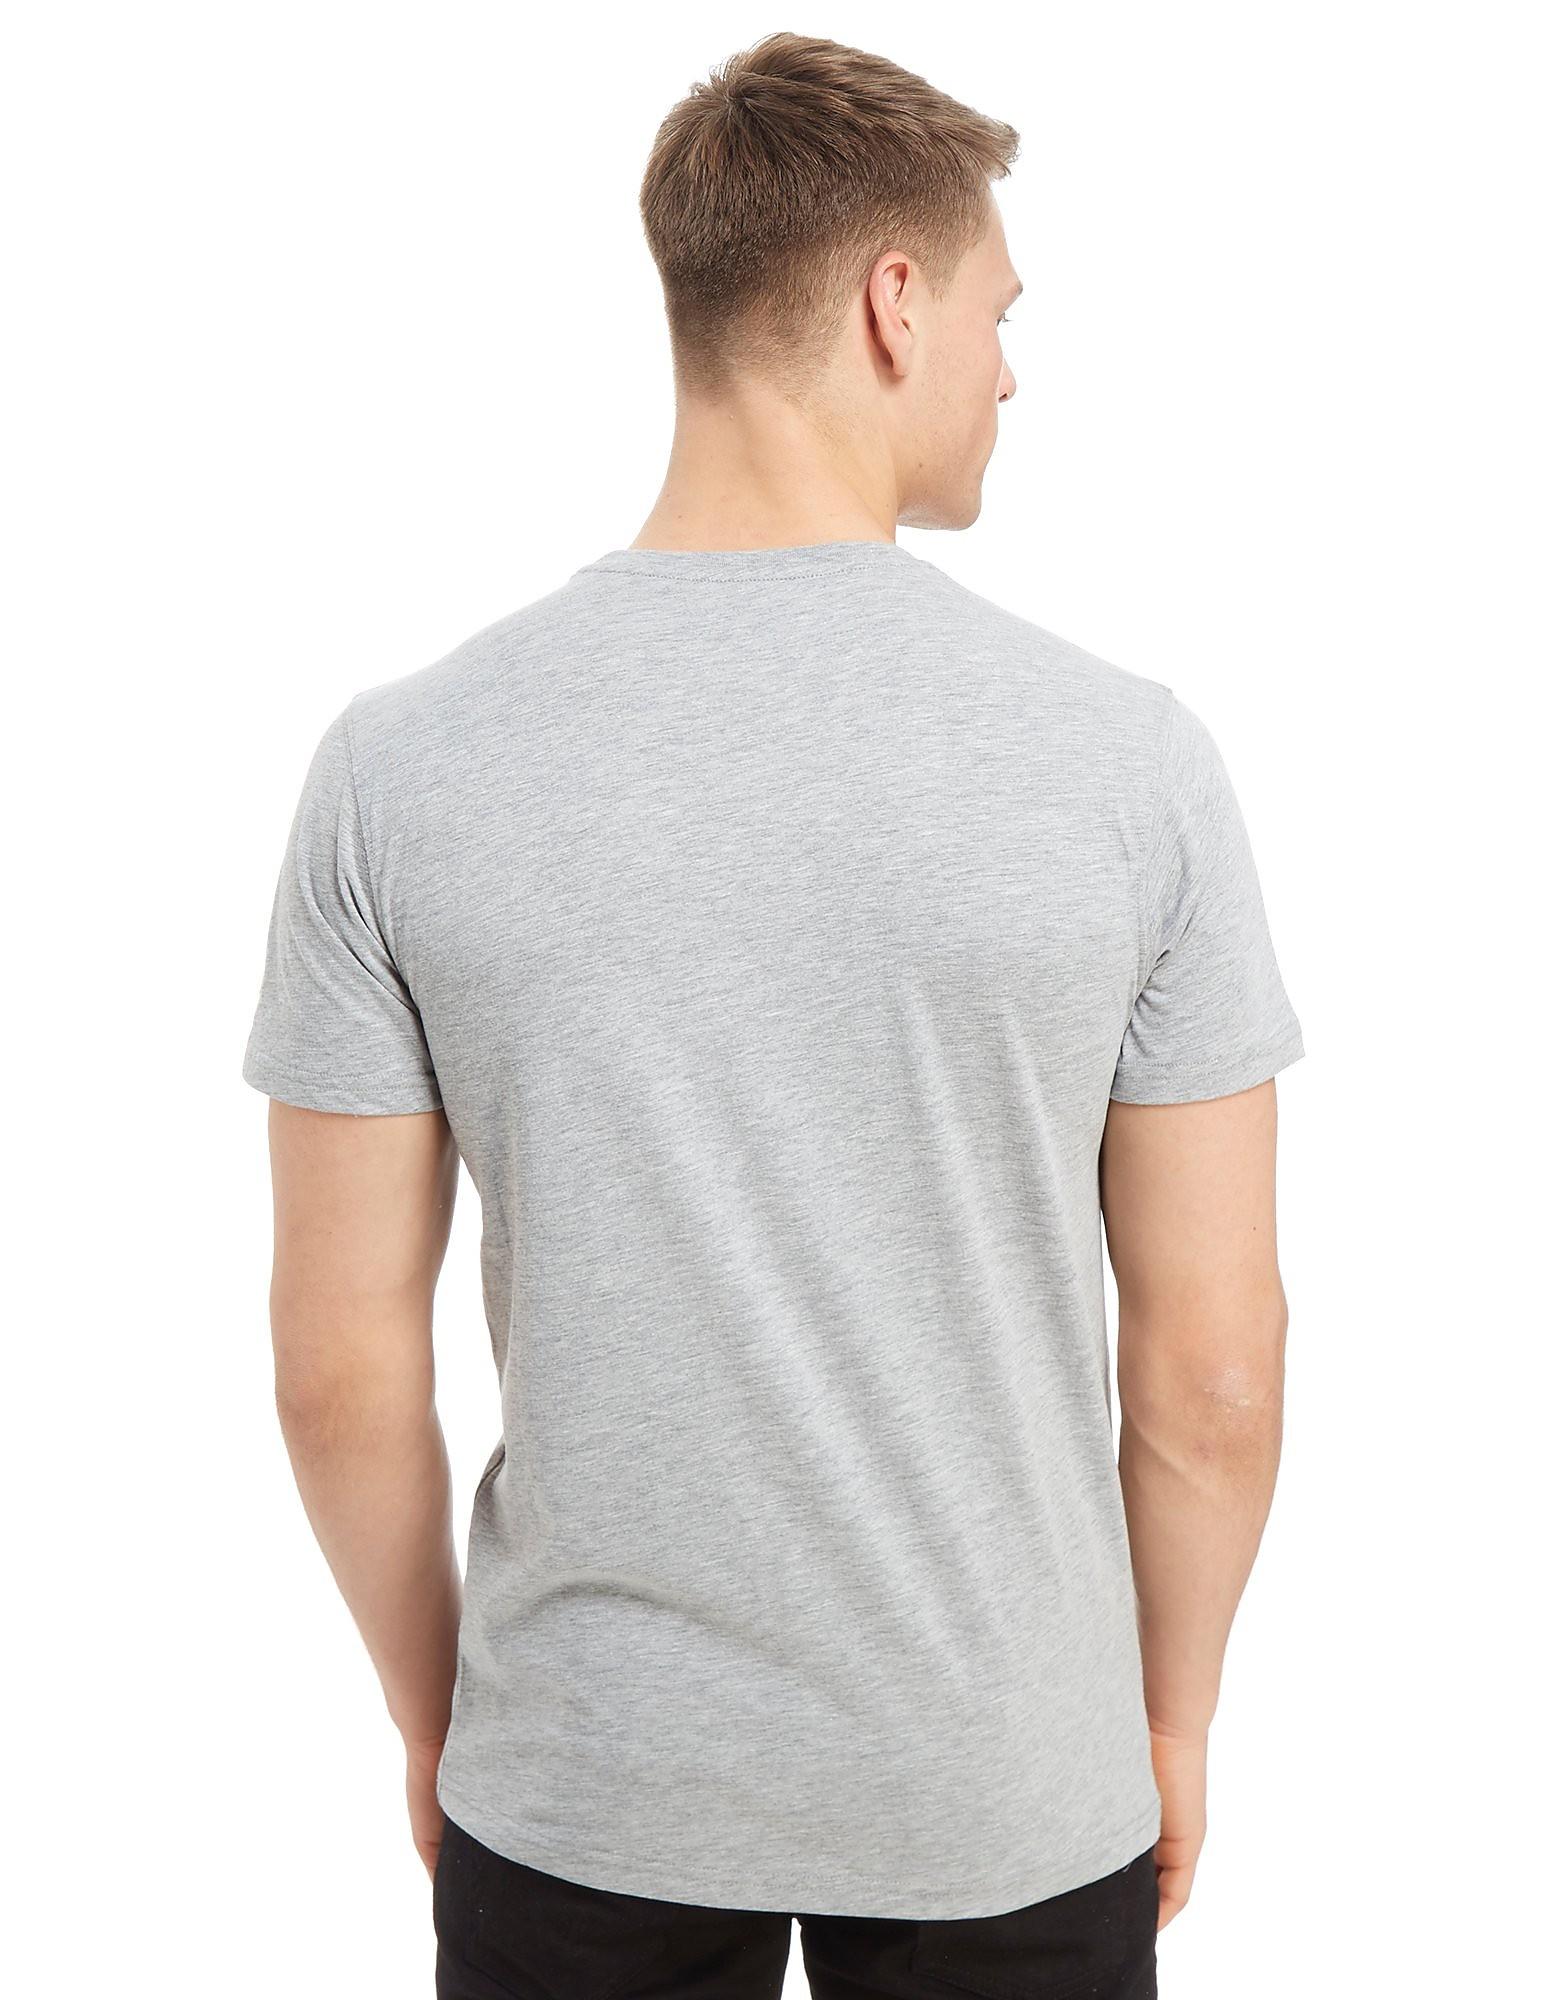 New Era NBA Golden State Warriors T-Shirt